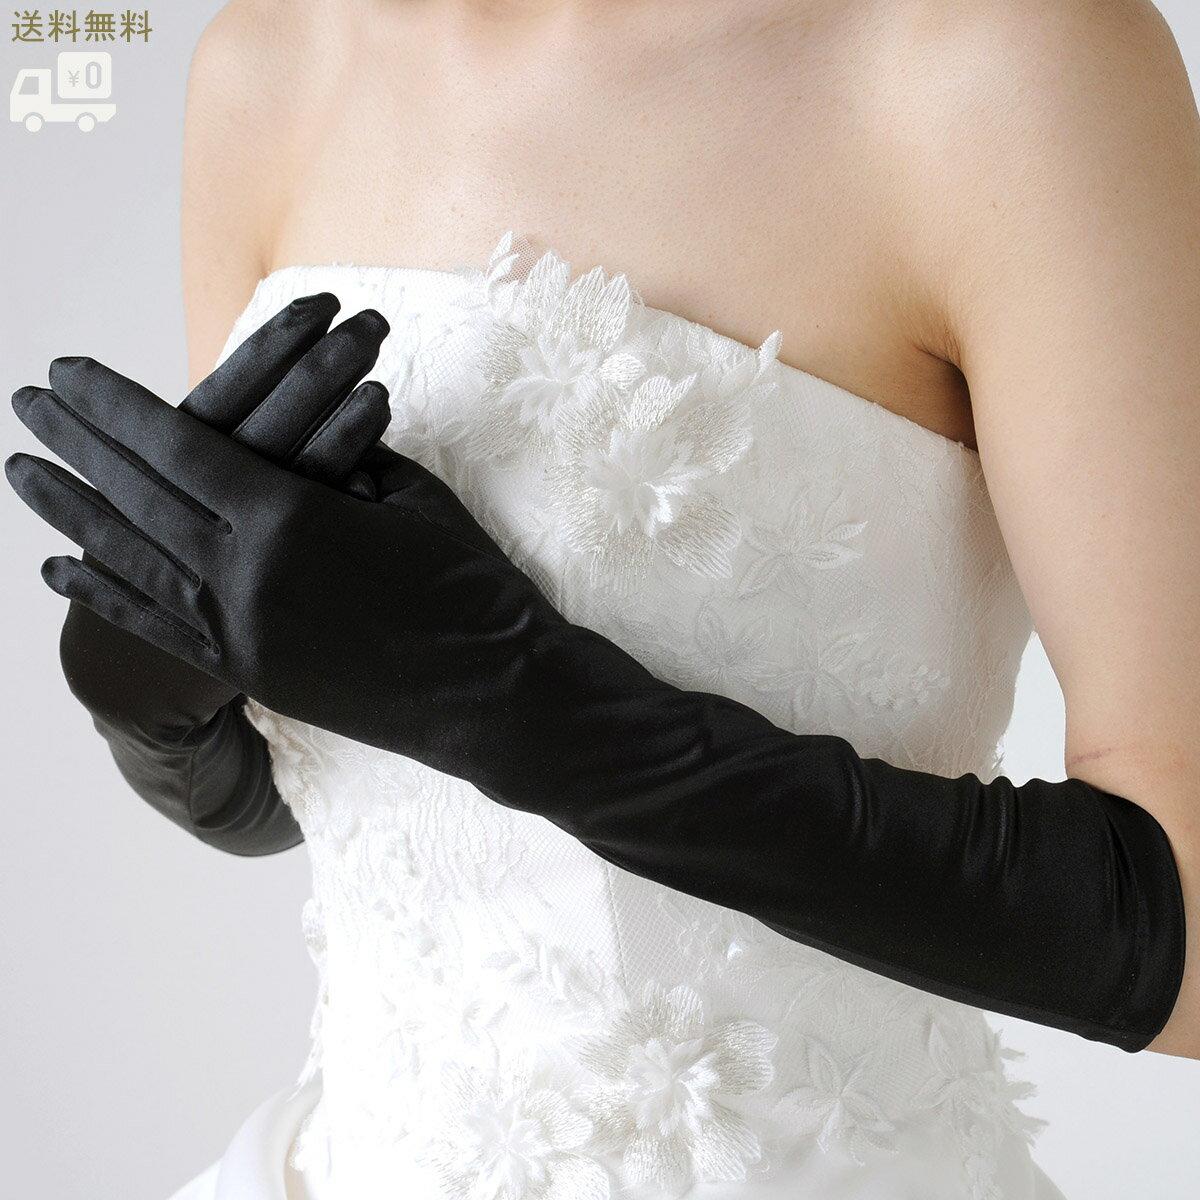 【クーポンで10%OFF】【ポイント3倍】ブラック ウェディング グローブ ロング 40cm フリーサイズ 黒 [G92]【送料無料】